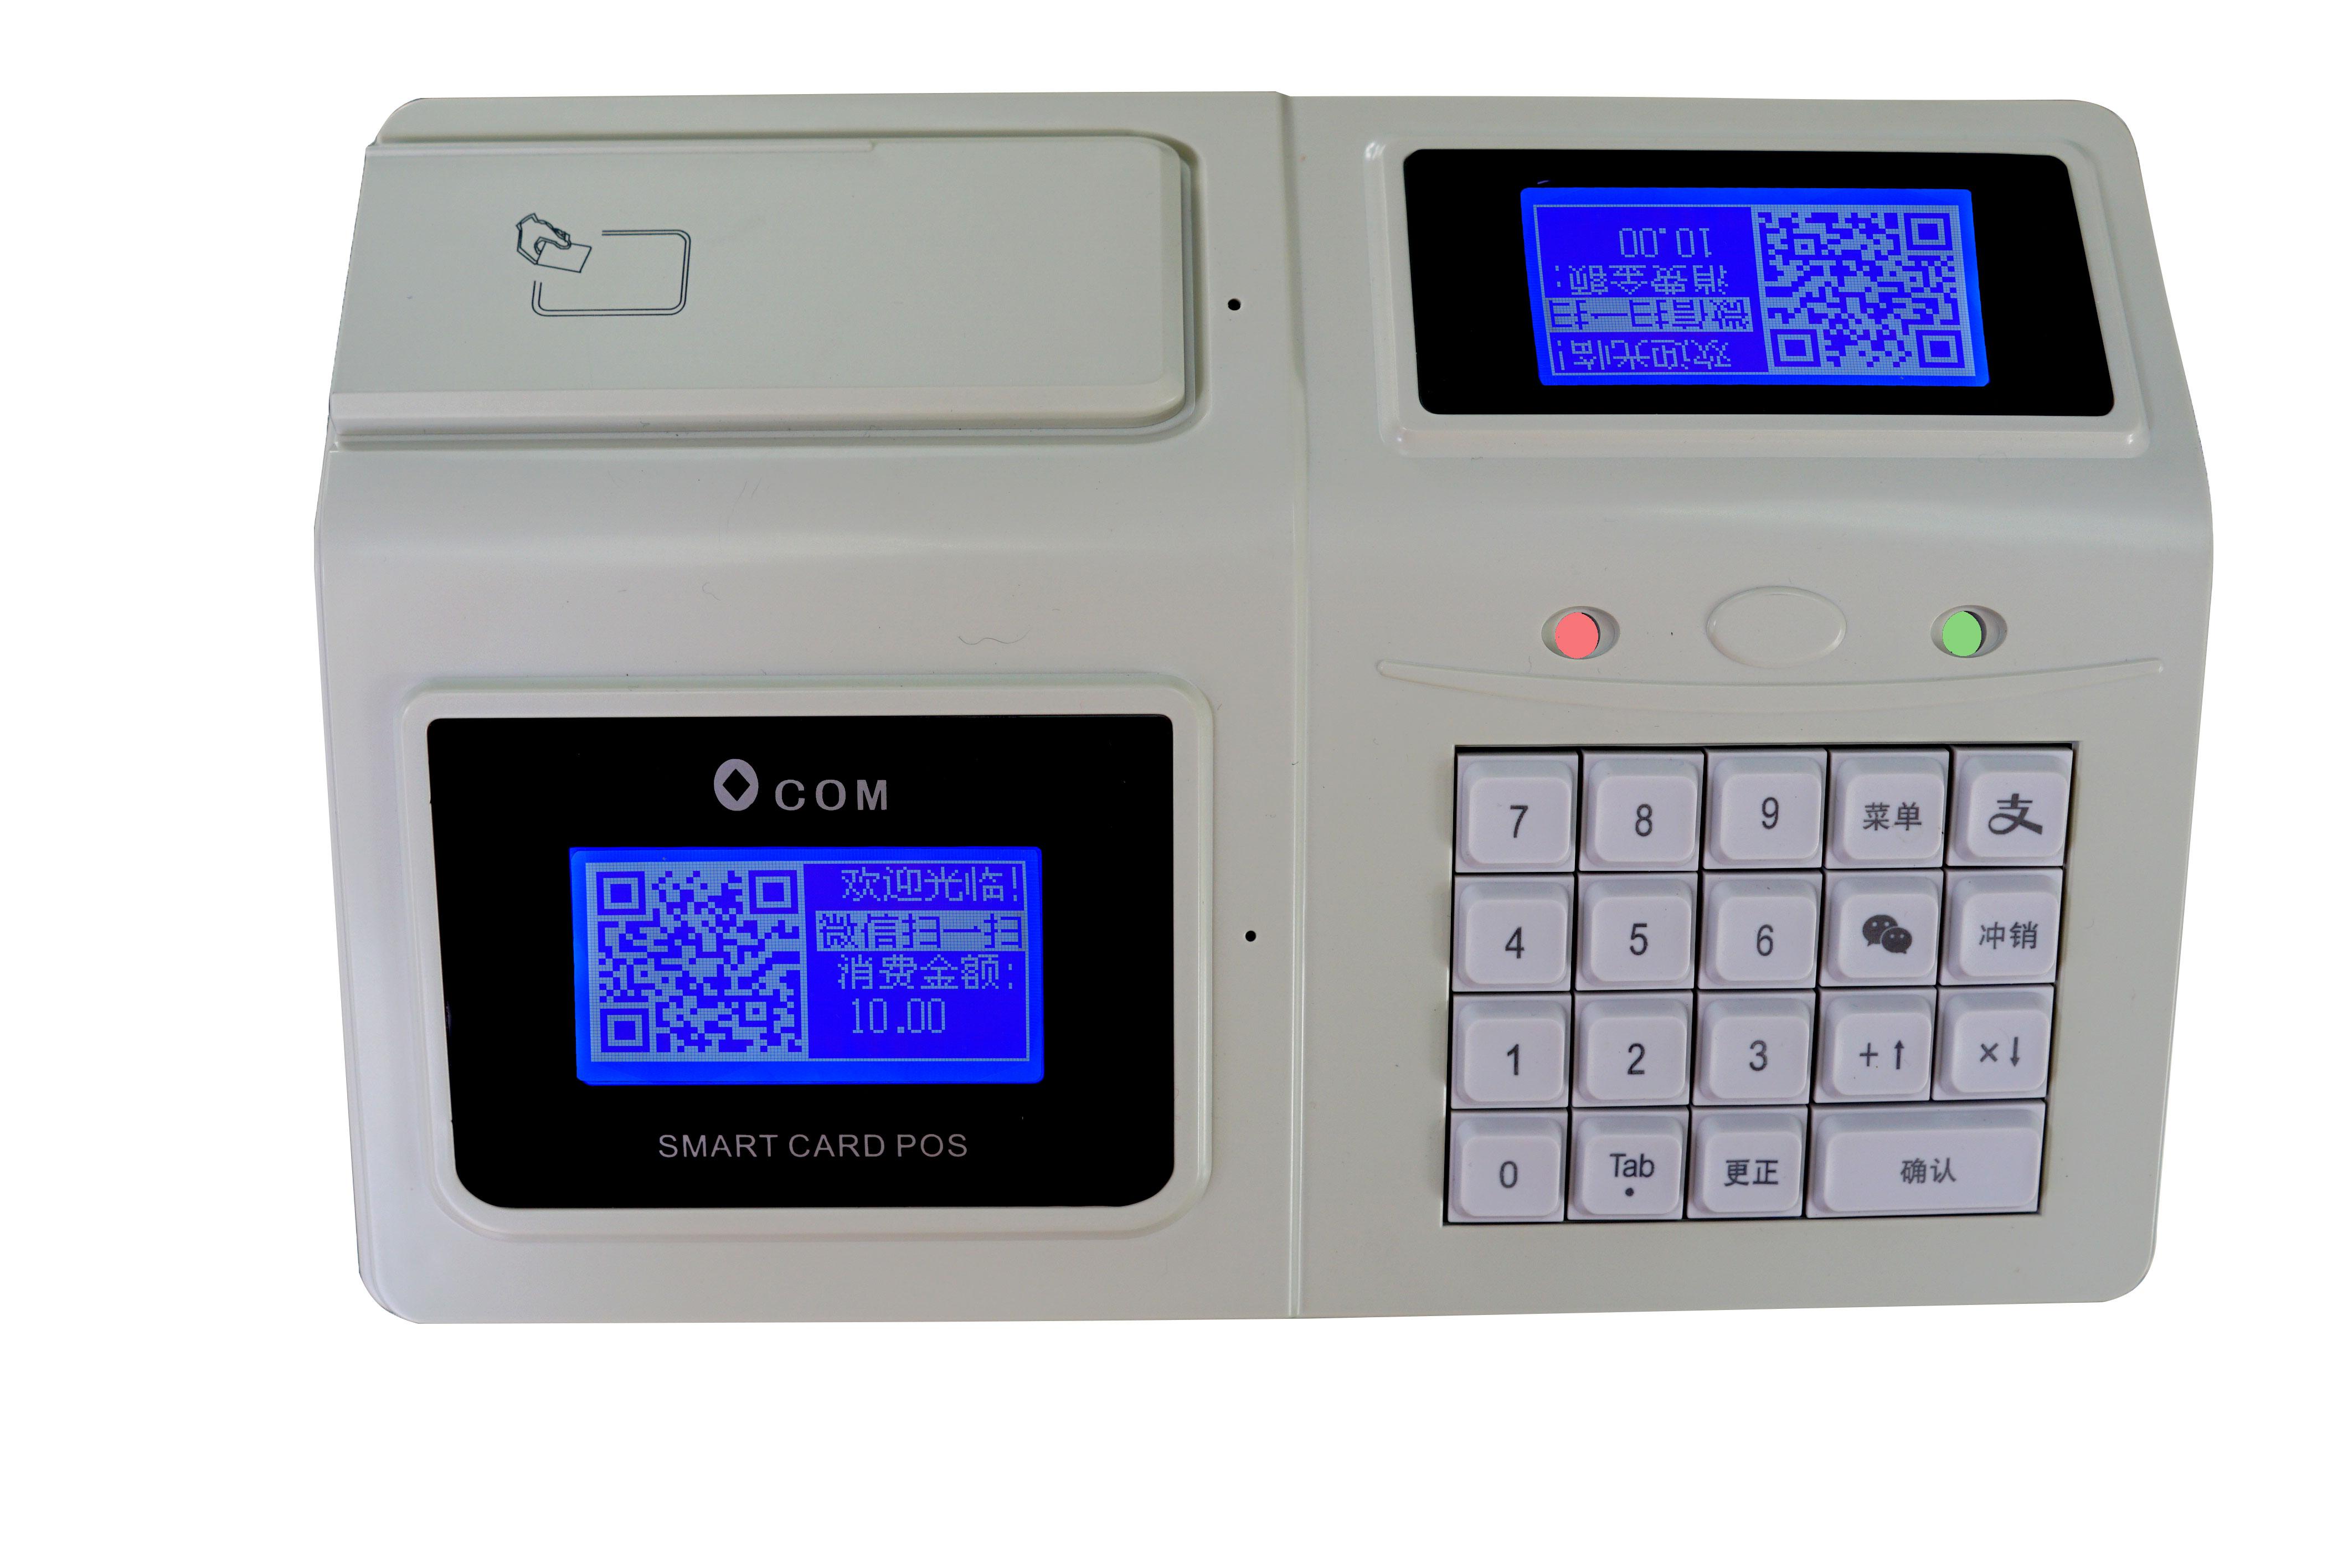 OFG7-1W系列液晶消费机-台式机